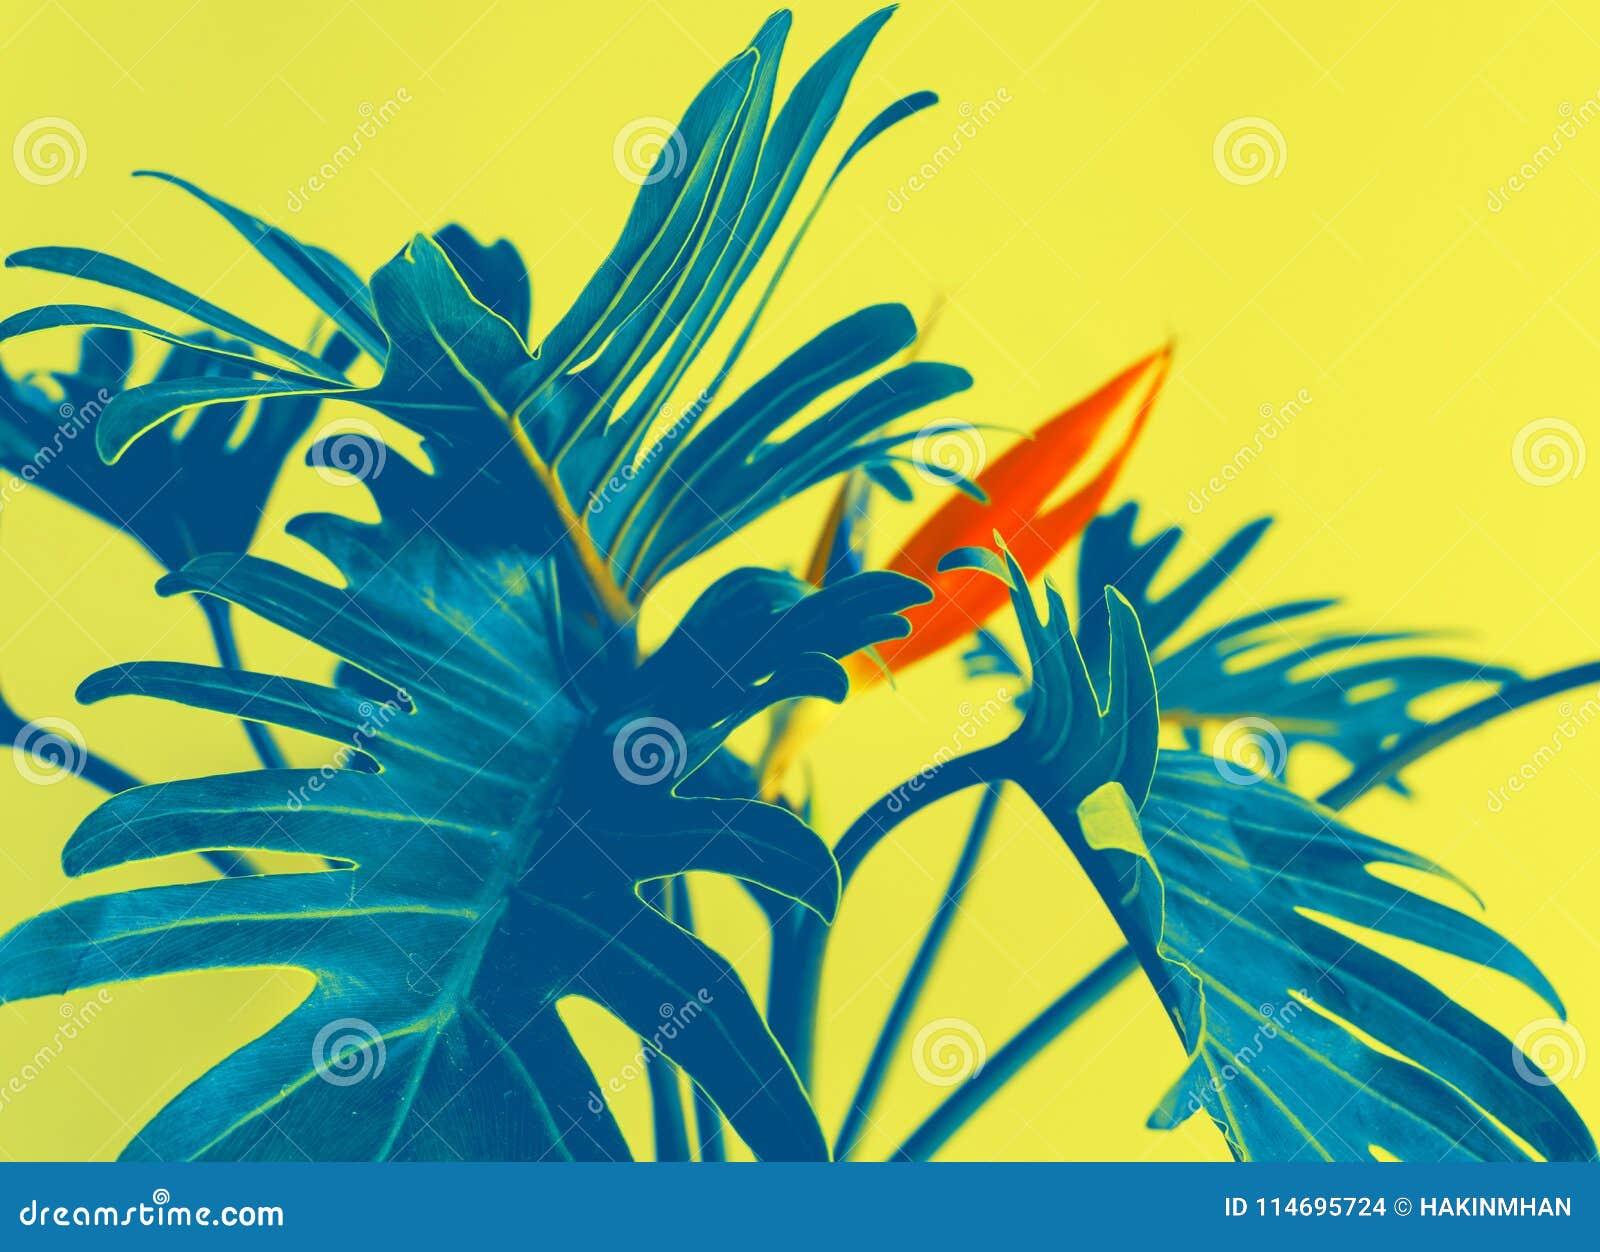 Ζωηρόχρωμος των εξωτικών τροπικών φύλλων strelizia και xanadu λουλουδιών